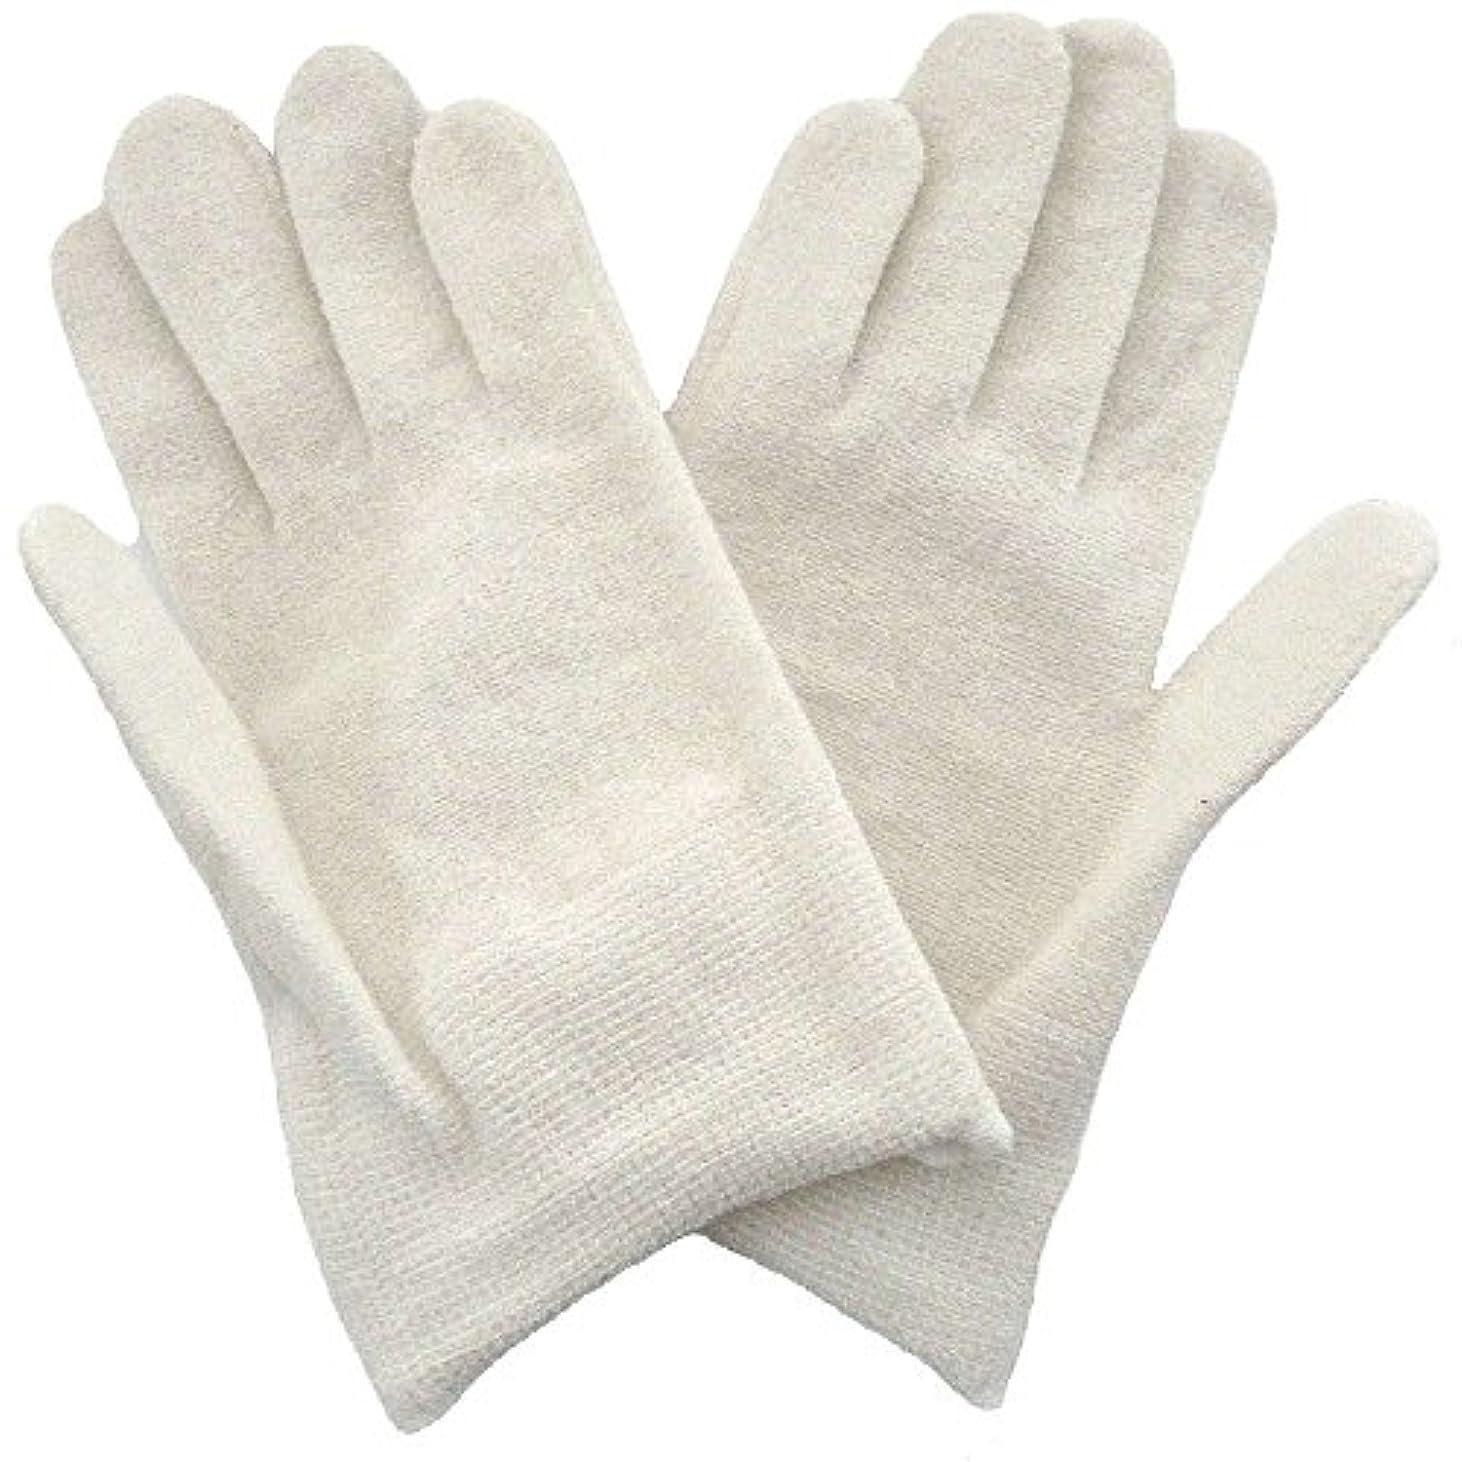 ブリード召集するインシデント【アトピー】【水疱瘡】【皮膚炎】 ナノミックス おやすみ手袋:キッズ用 ホワイト